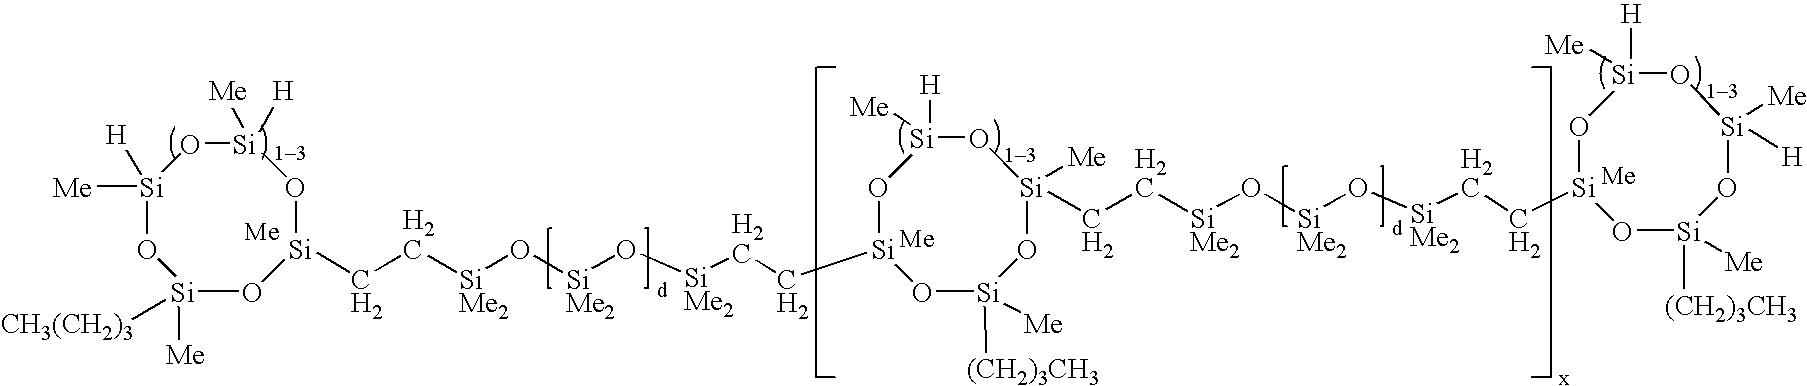 Figure US07378482-20080527-C00030